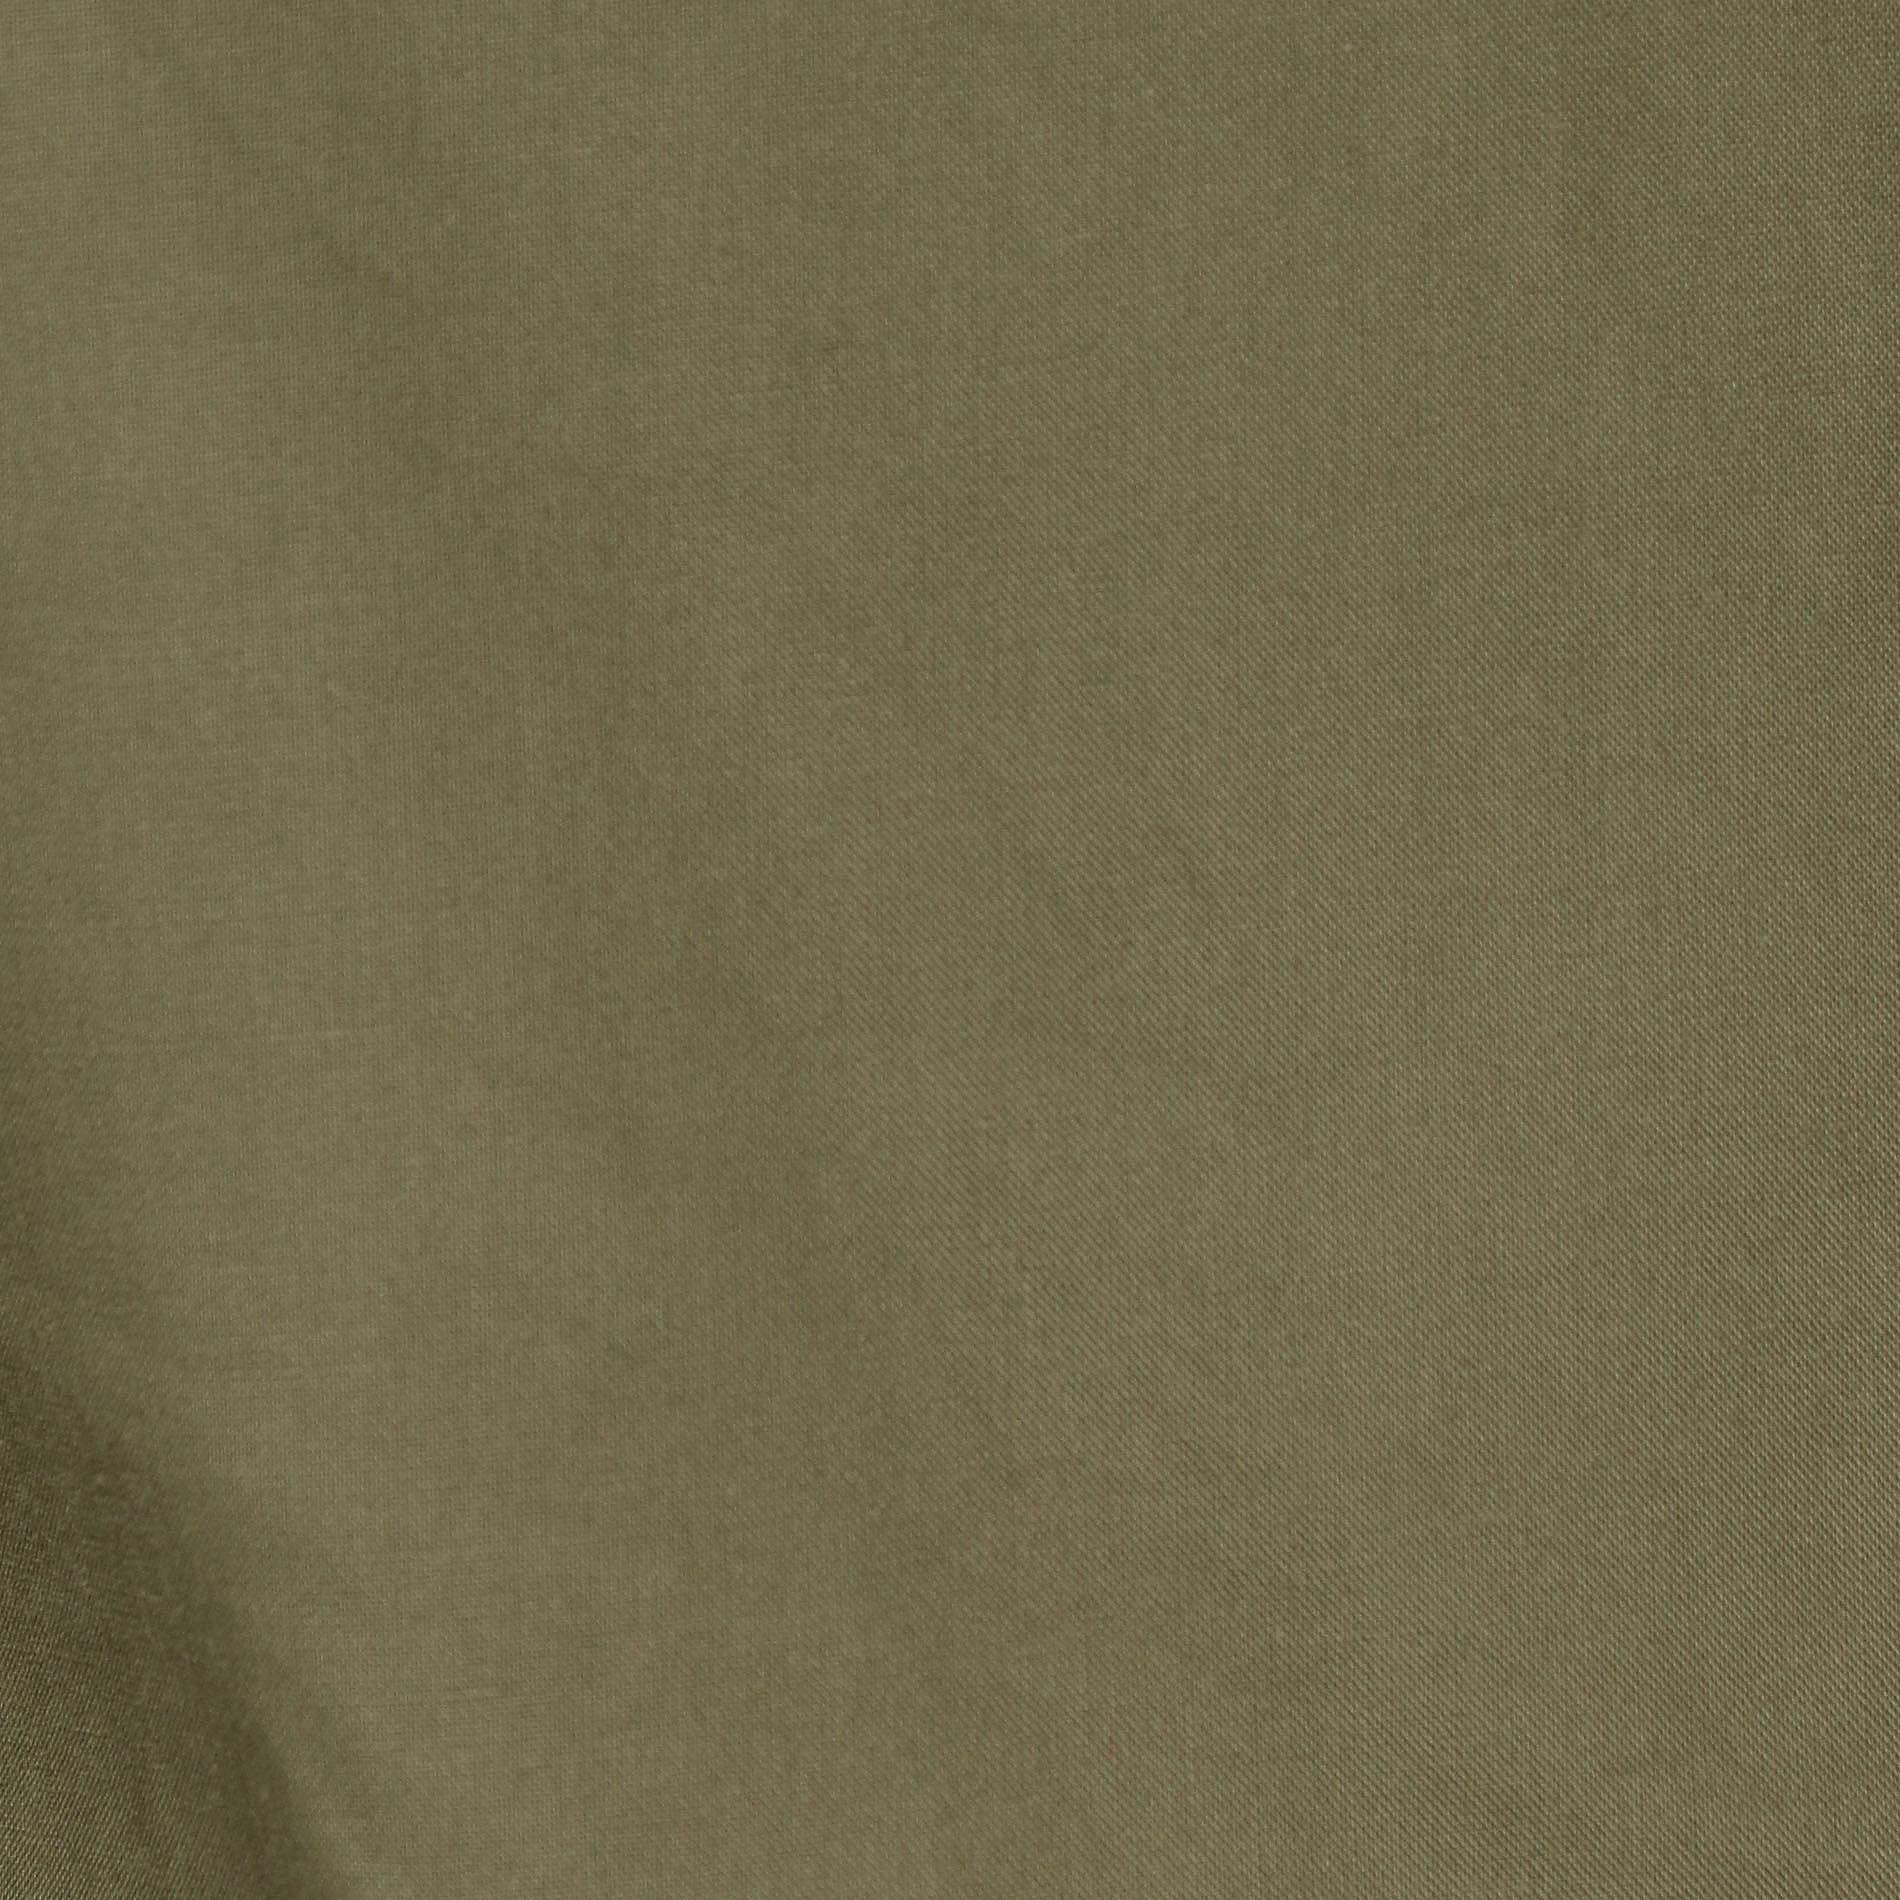 【MACKINTOSH】【CHRYSTON クリストン】ゴム引きフーデッドコート